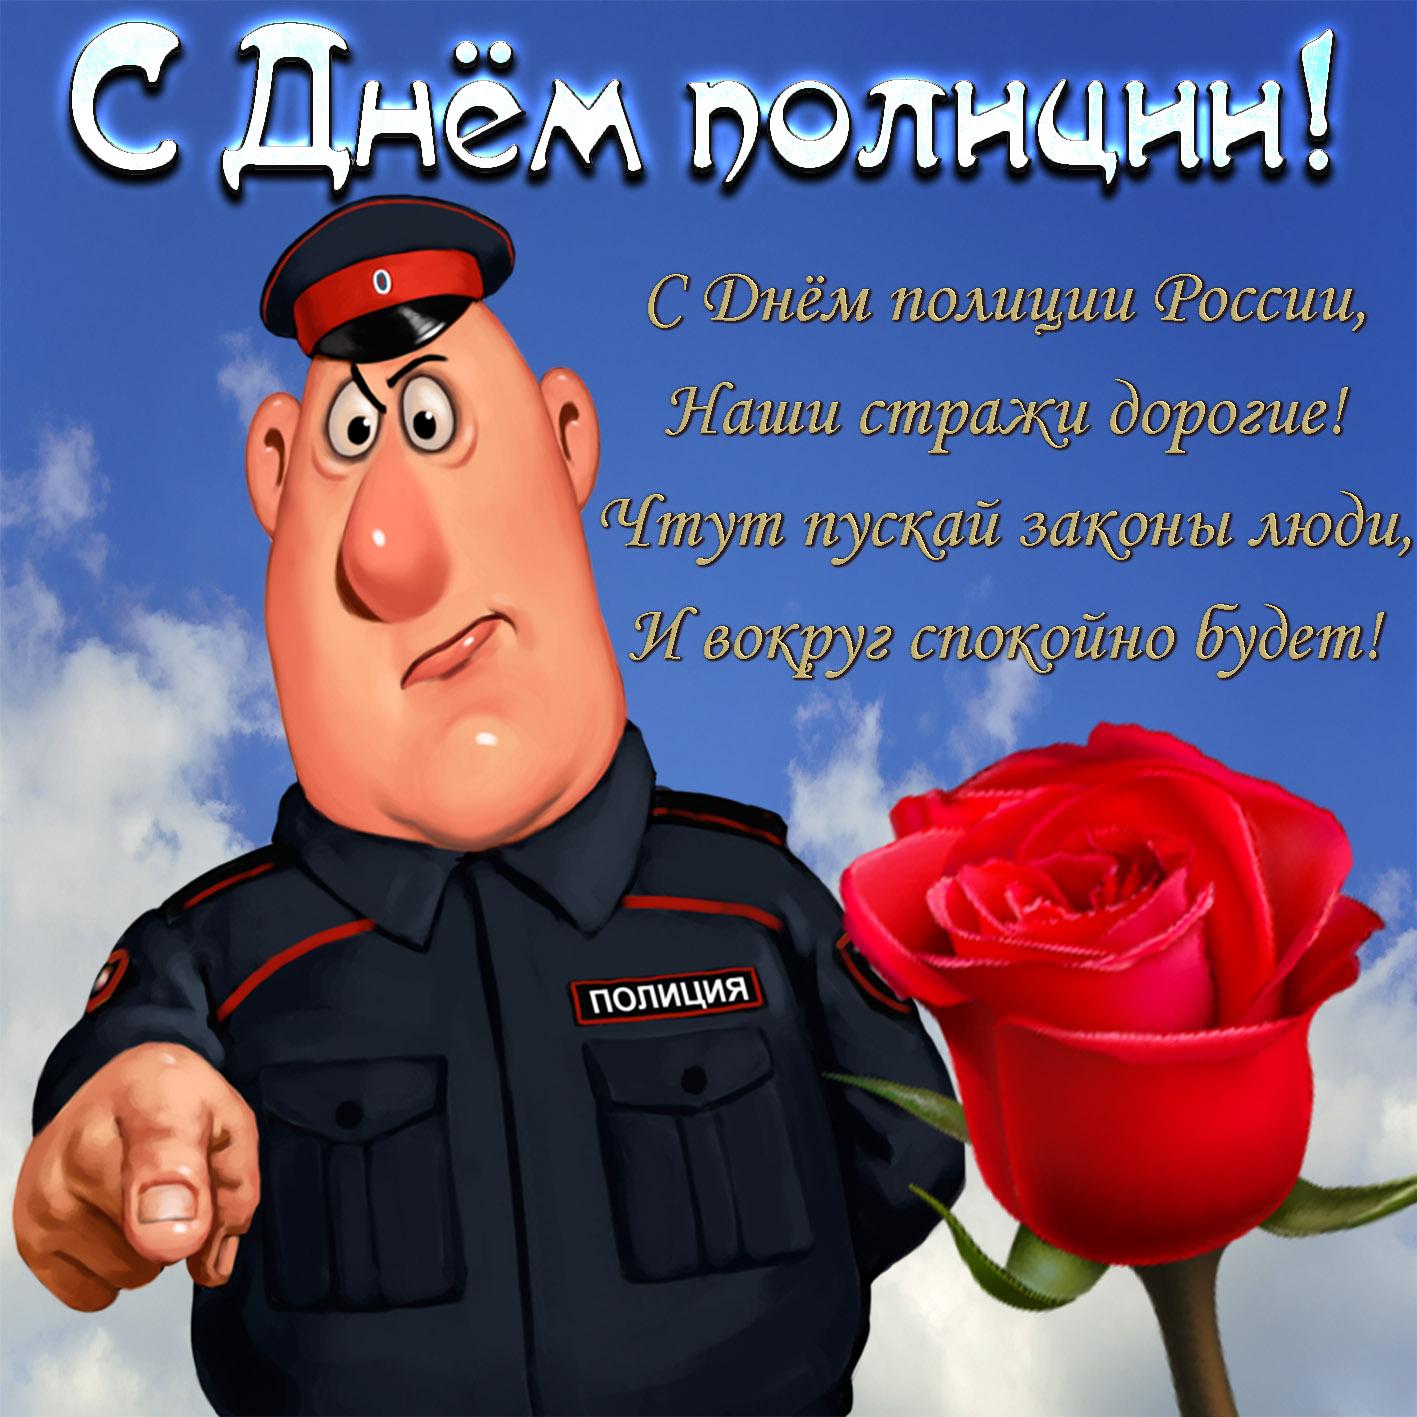 Поздравления пенсионерам милиции